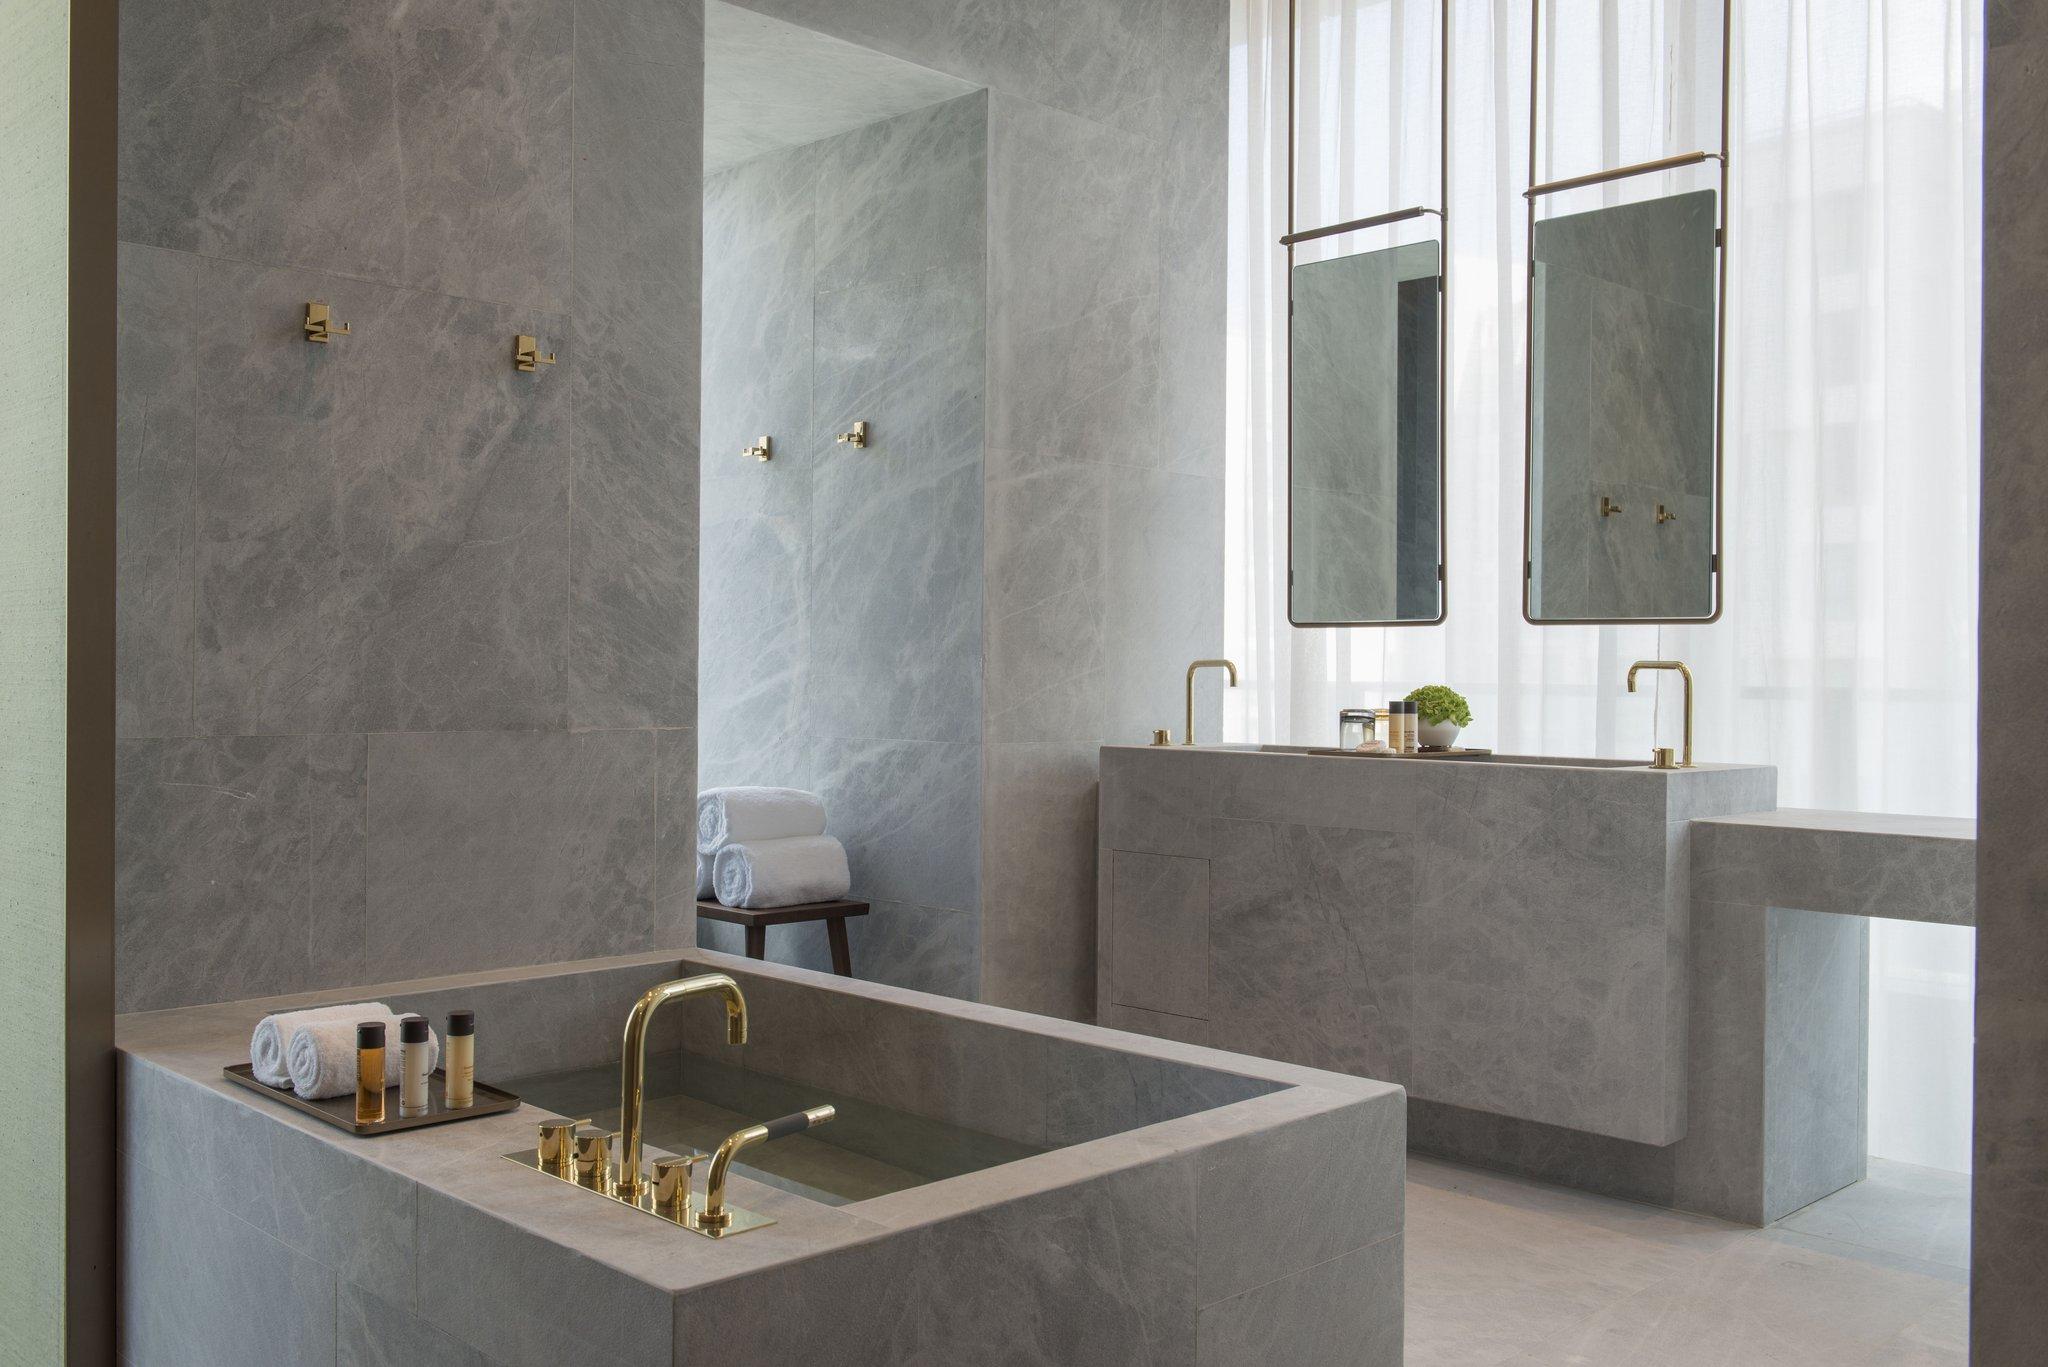 Premier_Suite_Bath_area_S.jpg